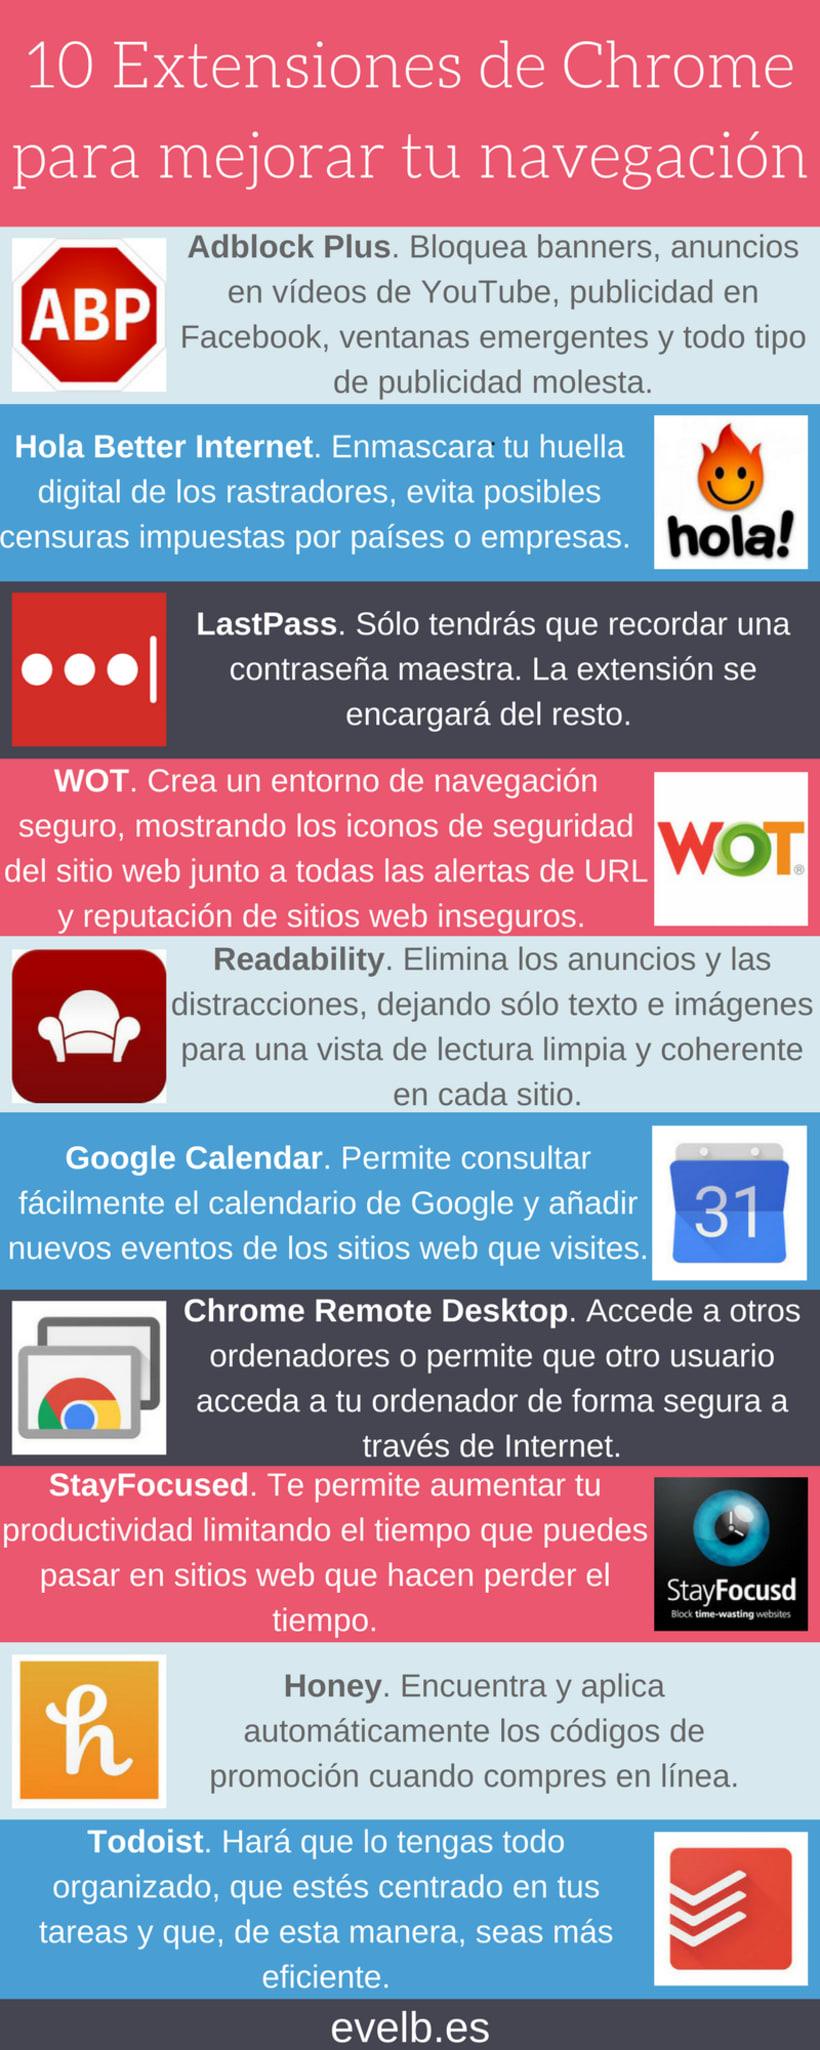 Infografías evelb.es 10